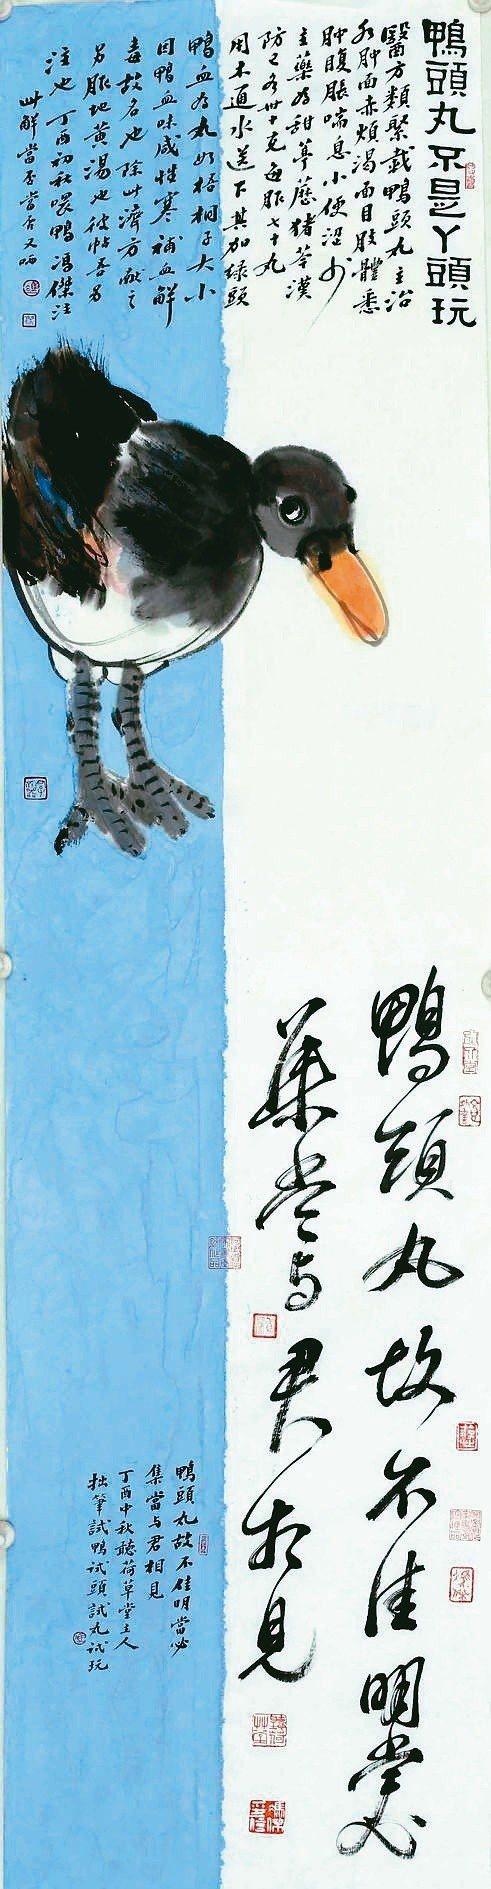 馮傑 文、圖